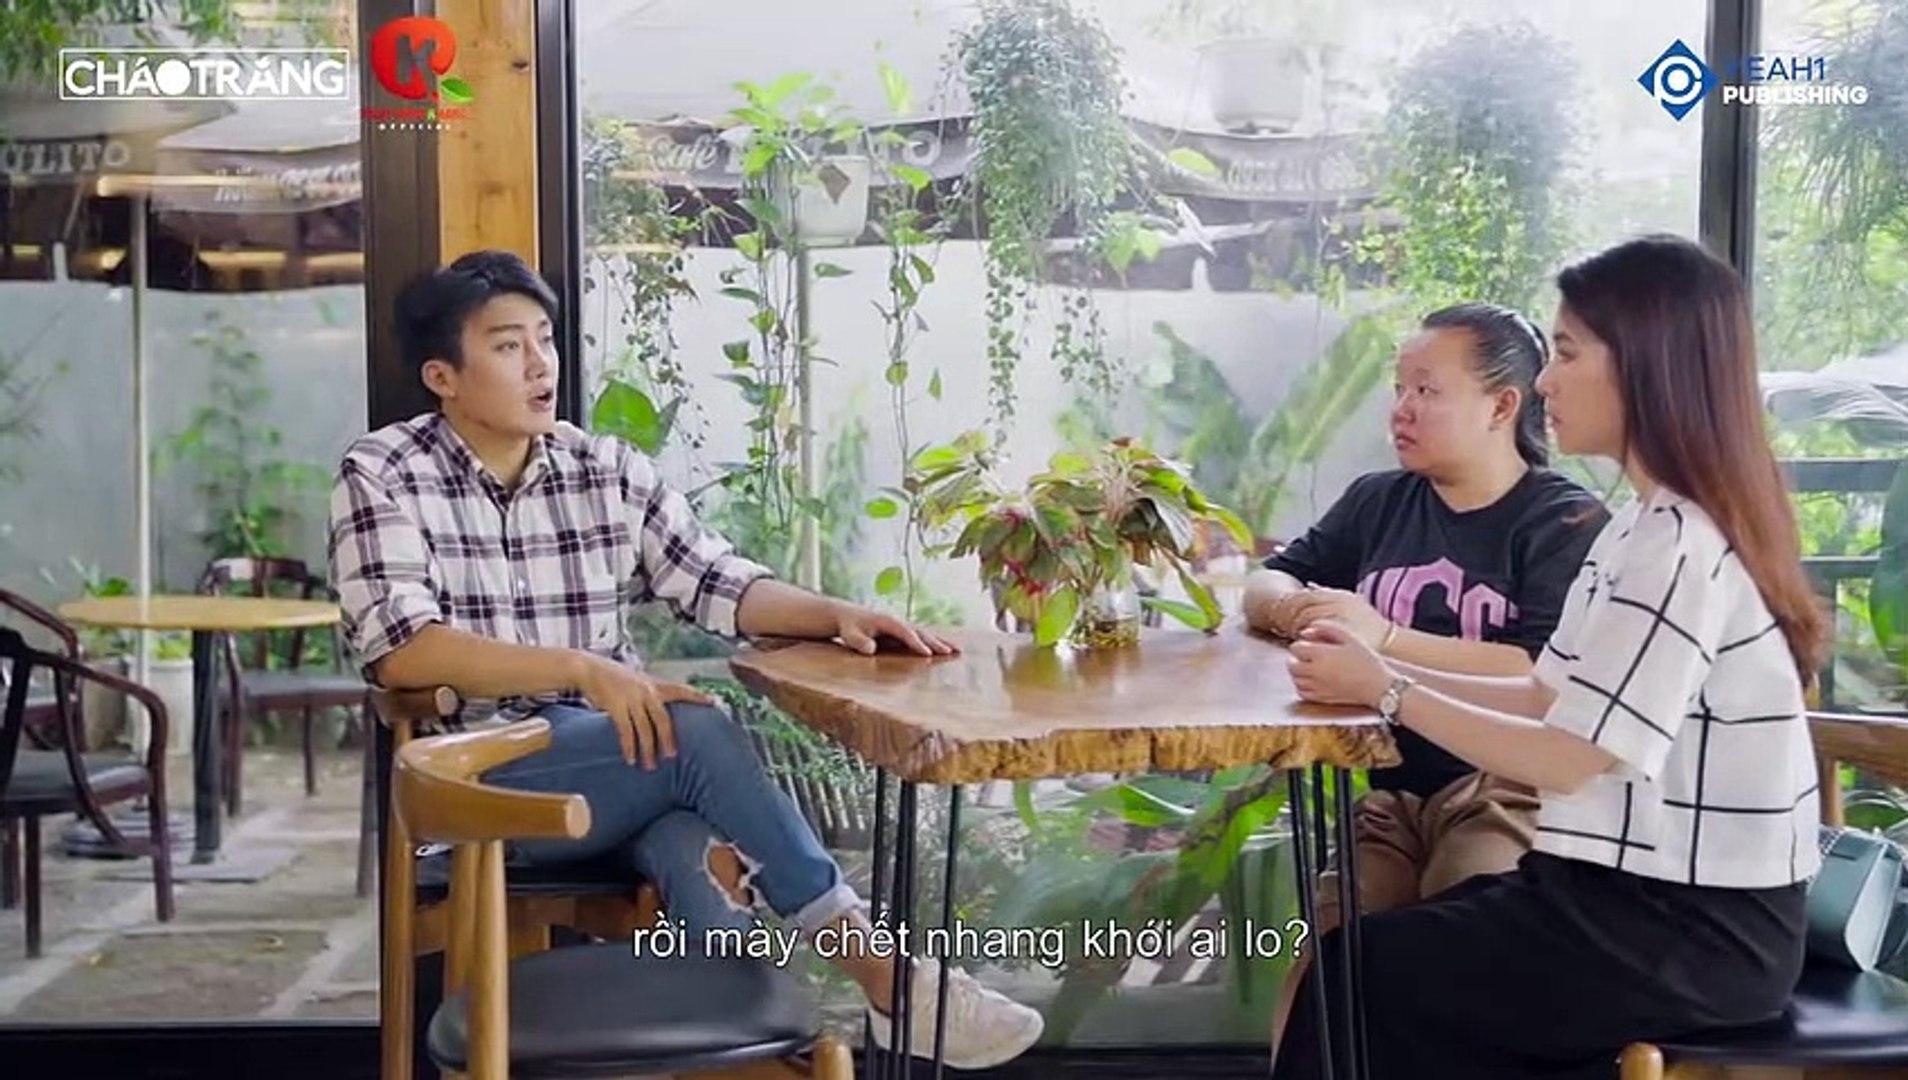 Ra Vẻ Người Chồng Tốt - Khi Vợ Bị Bệnh Thì Đi Cặp Kè Bồ Bịch - Phim Ngắn 2019 - Cháo Trắng 72